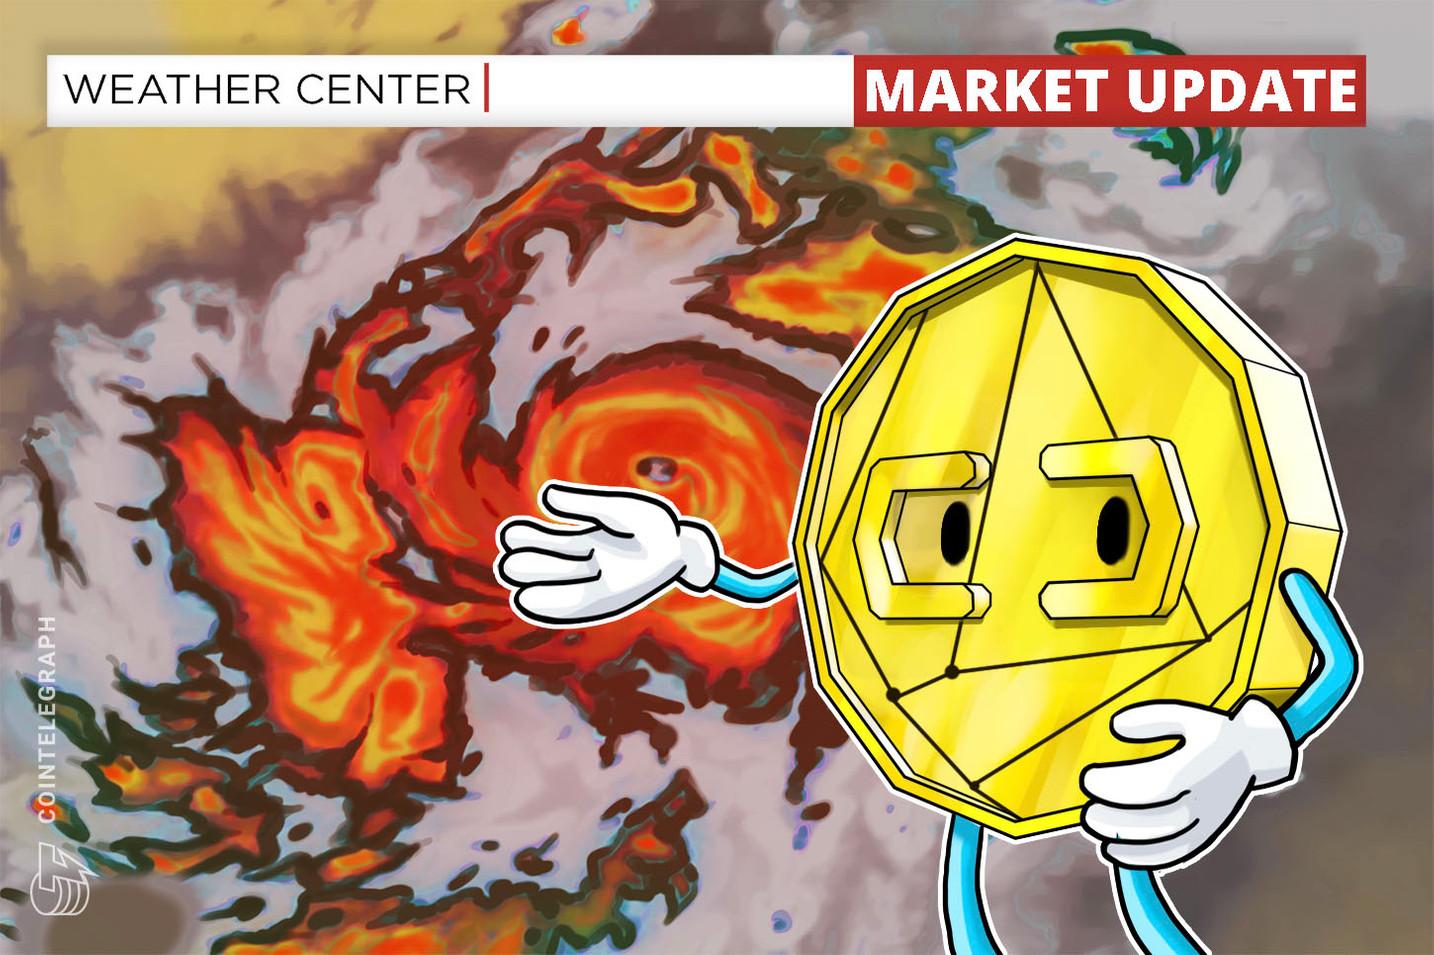 Październik 2020 Déjà vu? Cofnięcie Bitcoina o 38 XNUMX $ powoduje, że handlowcy są w sprzeczności co do następnego ruchu